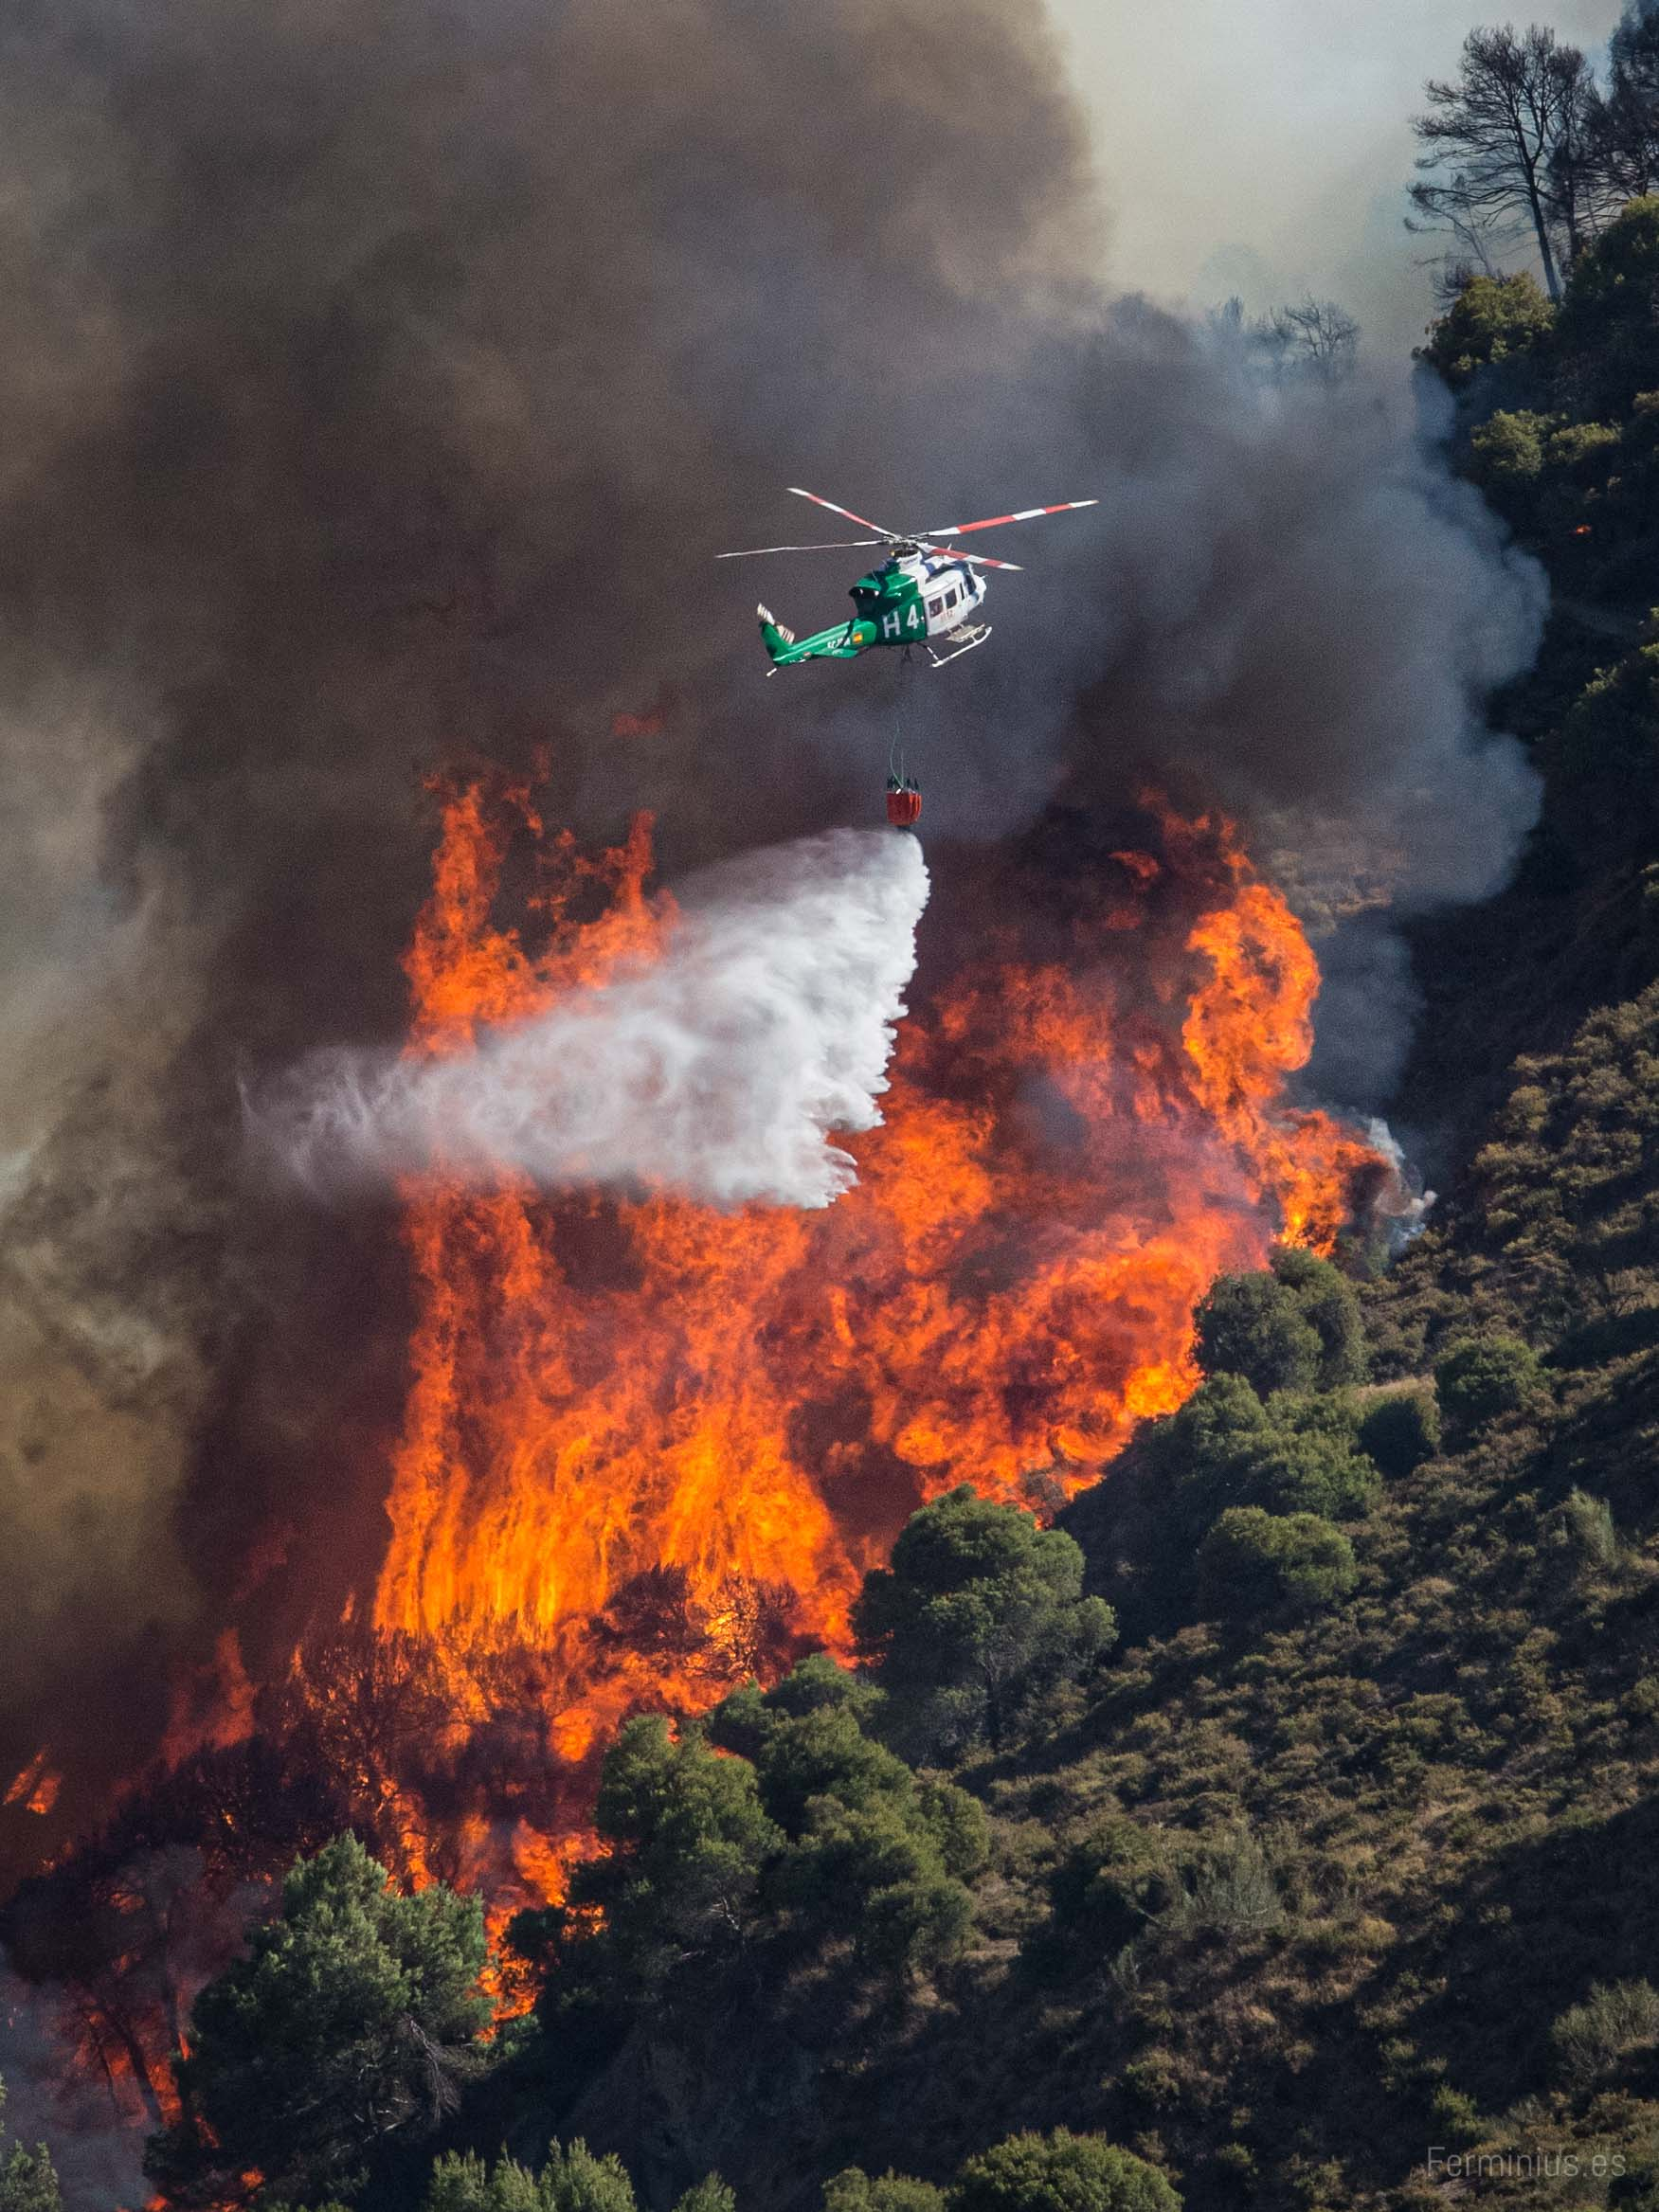 22/08/14 - Incendio forestal en Cenes de la Vega